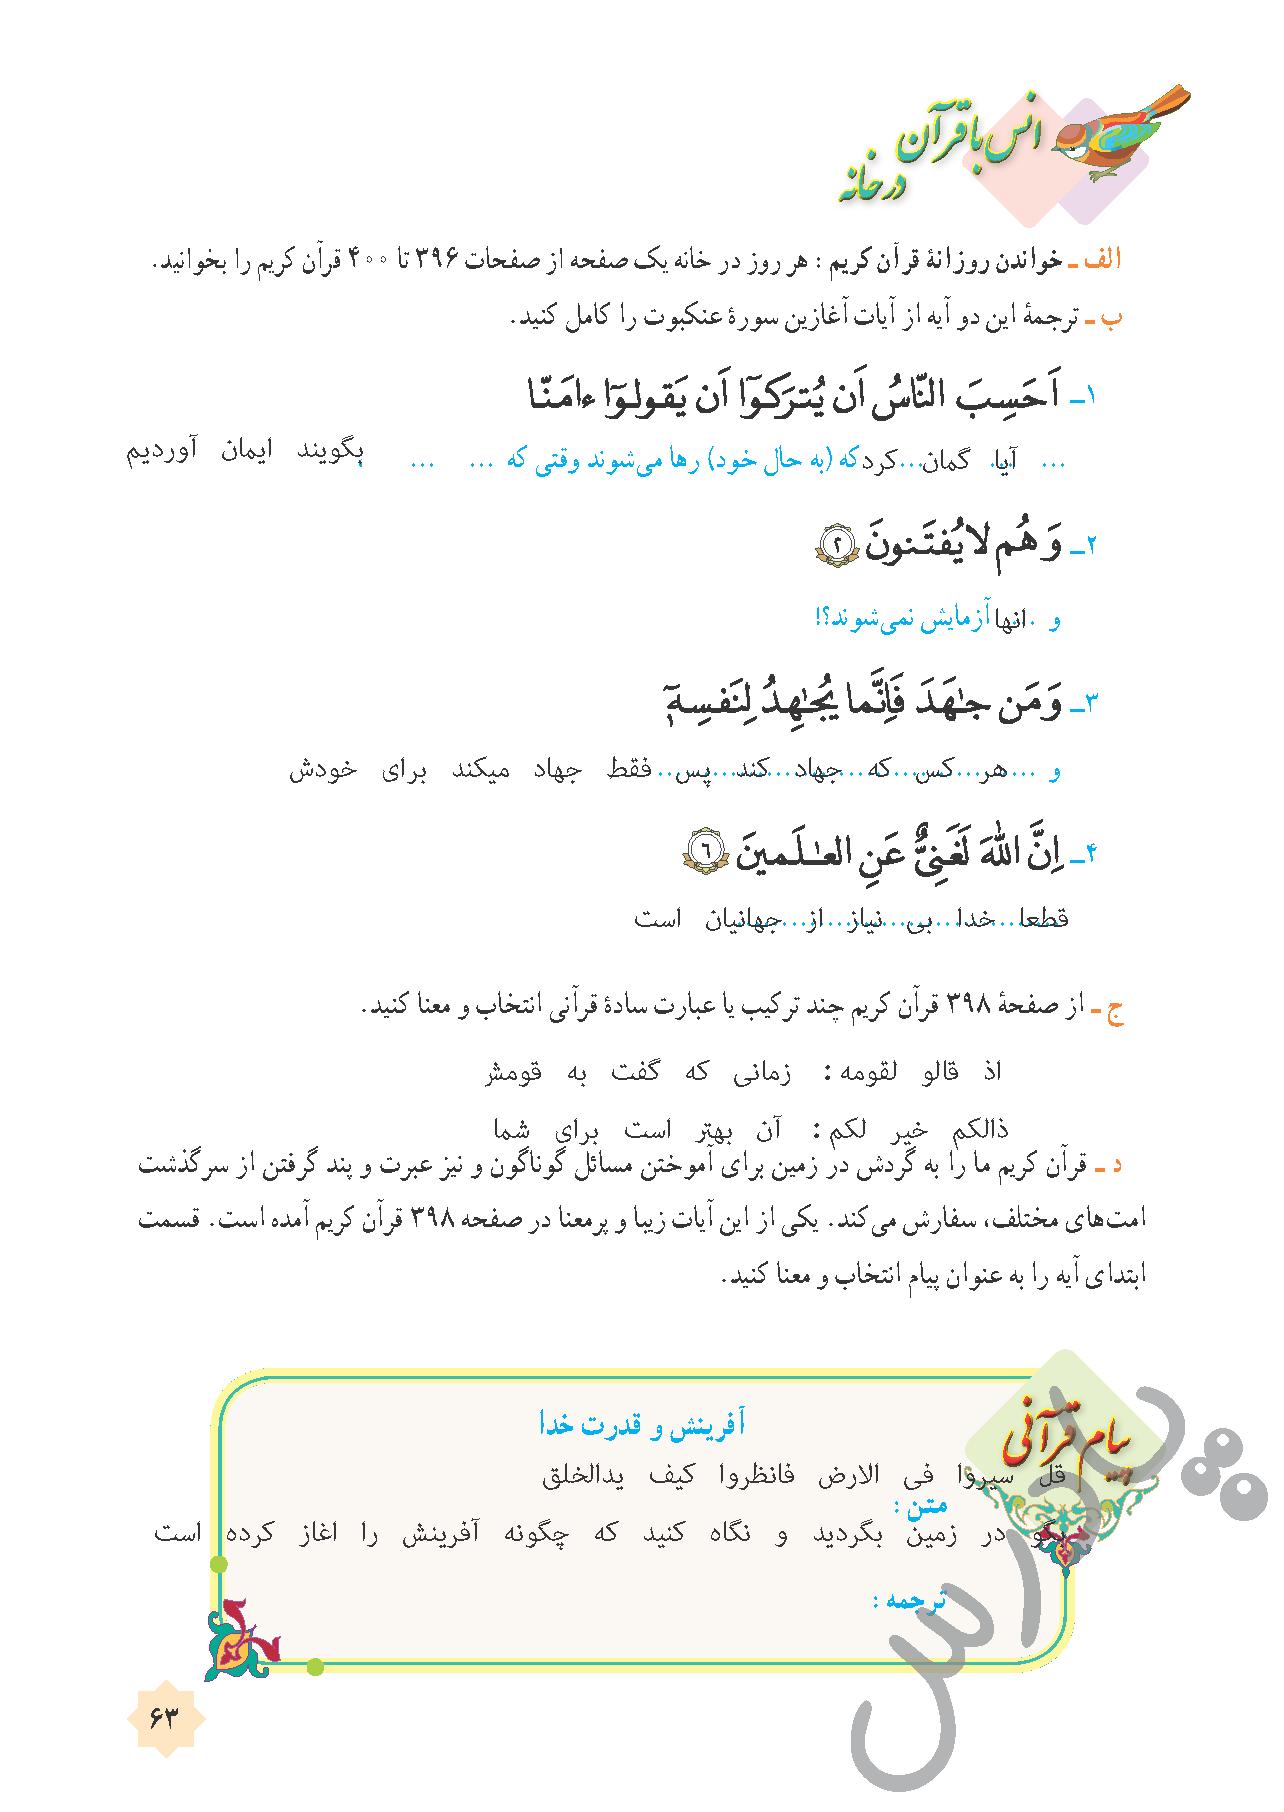 جواب انس با قرآن درس 6 قرآن هشتم - جلسه اول